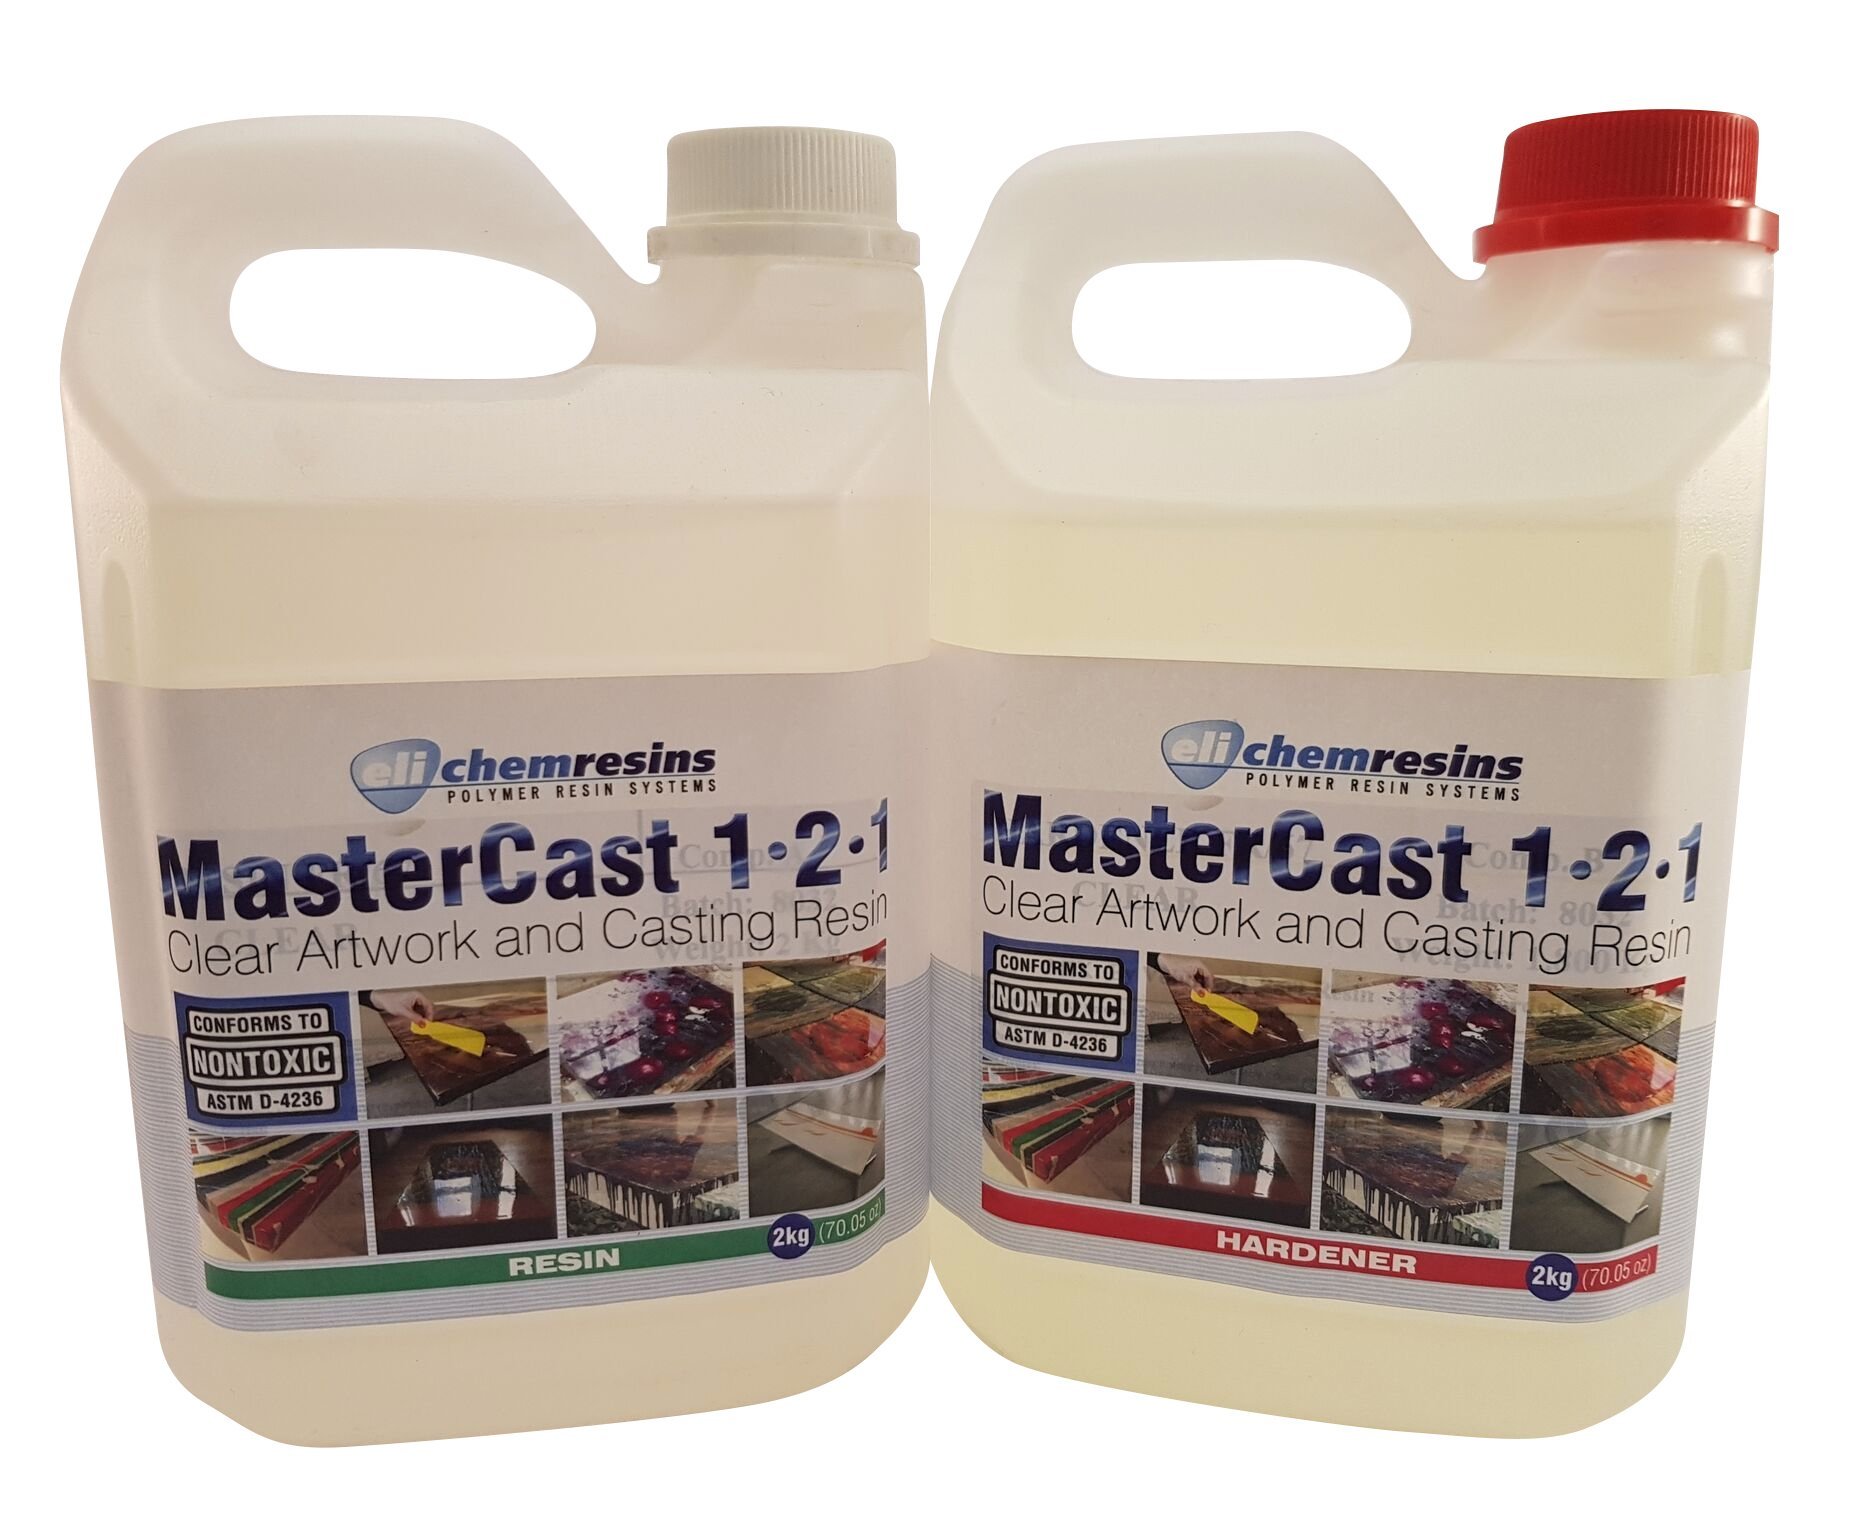 MasterCast artwork resin 141 ounce kit